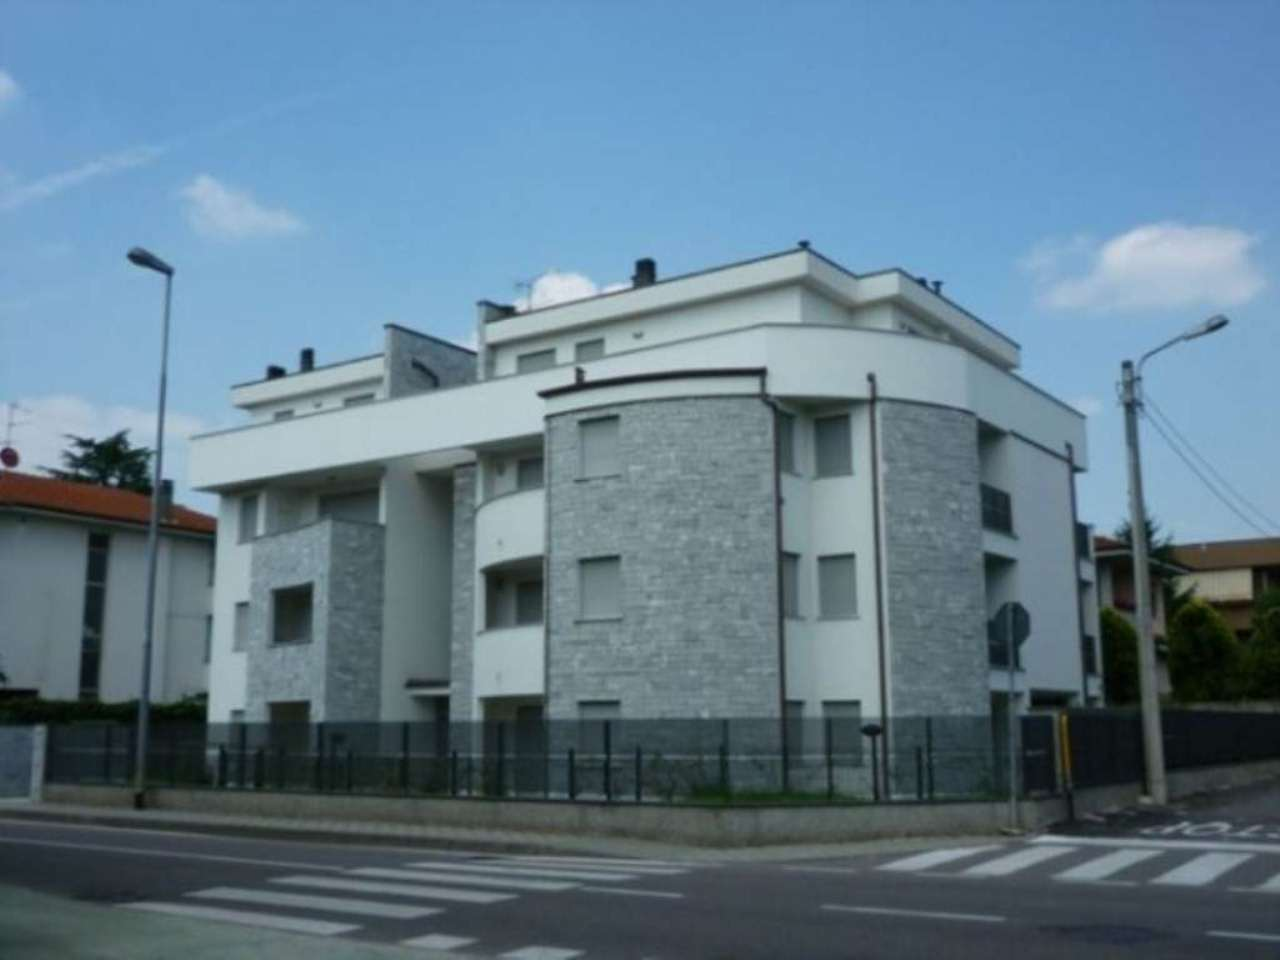 Attico / Mansarda in vendita a Cesano Maderno, 4 locali, prezzo € 300.000 | Cambio Casa.it